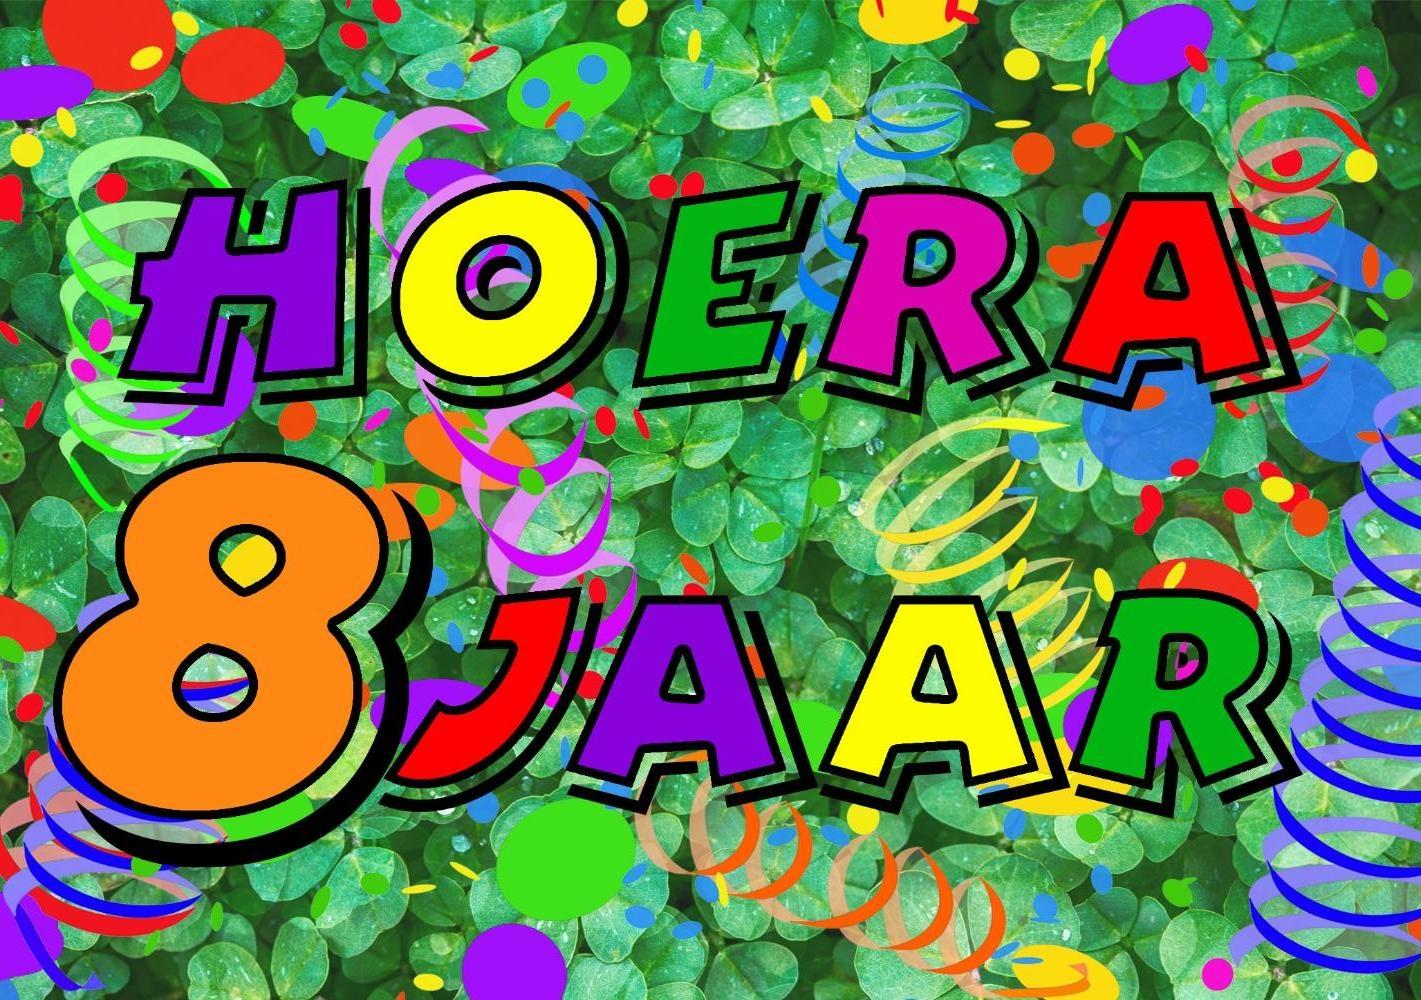 hoera 8 jaar Verjaardagskaart kind: Hoera 8 jaar!   Kaartjeposten.nl hoera 8 jaar